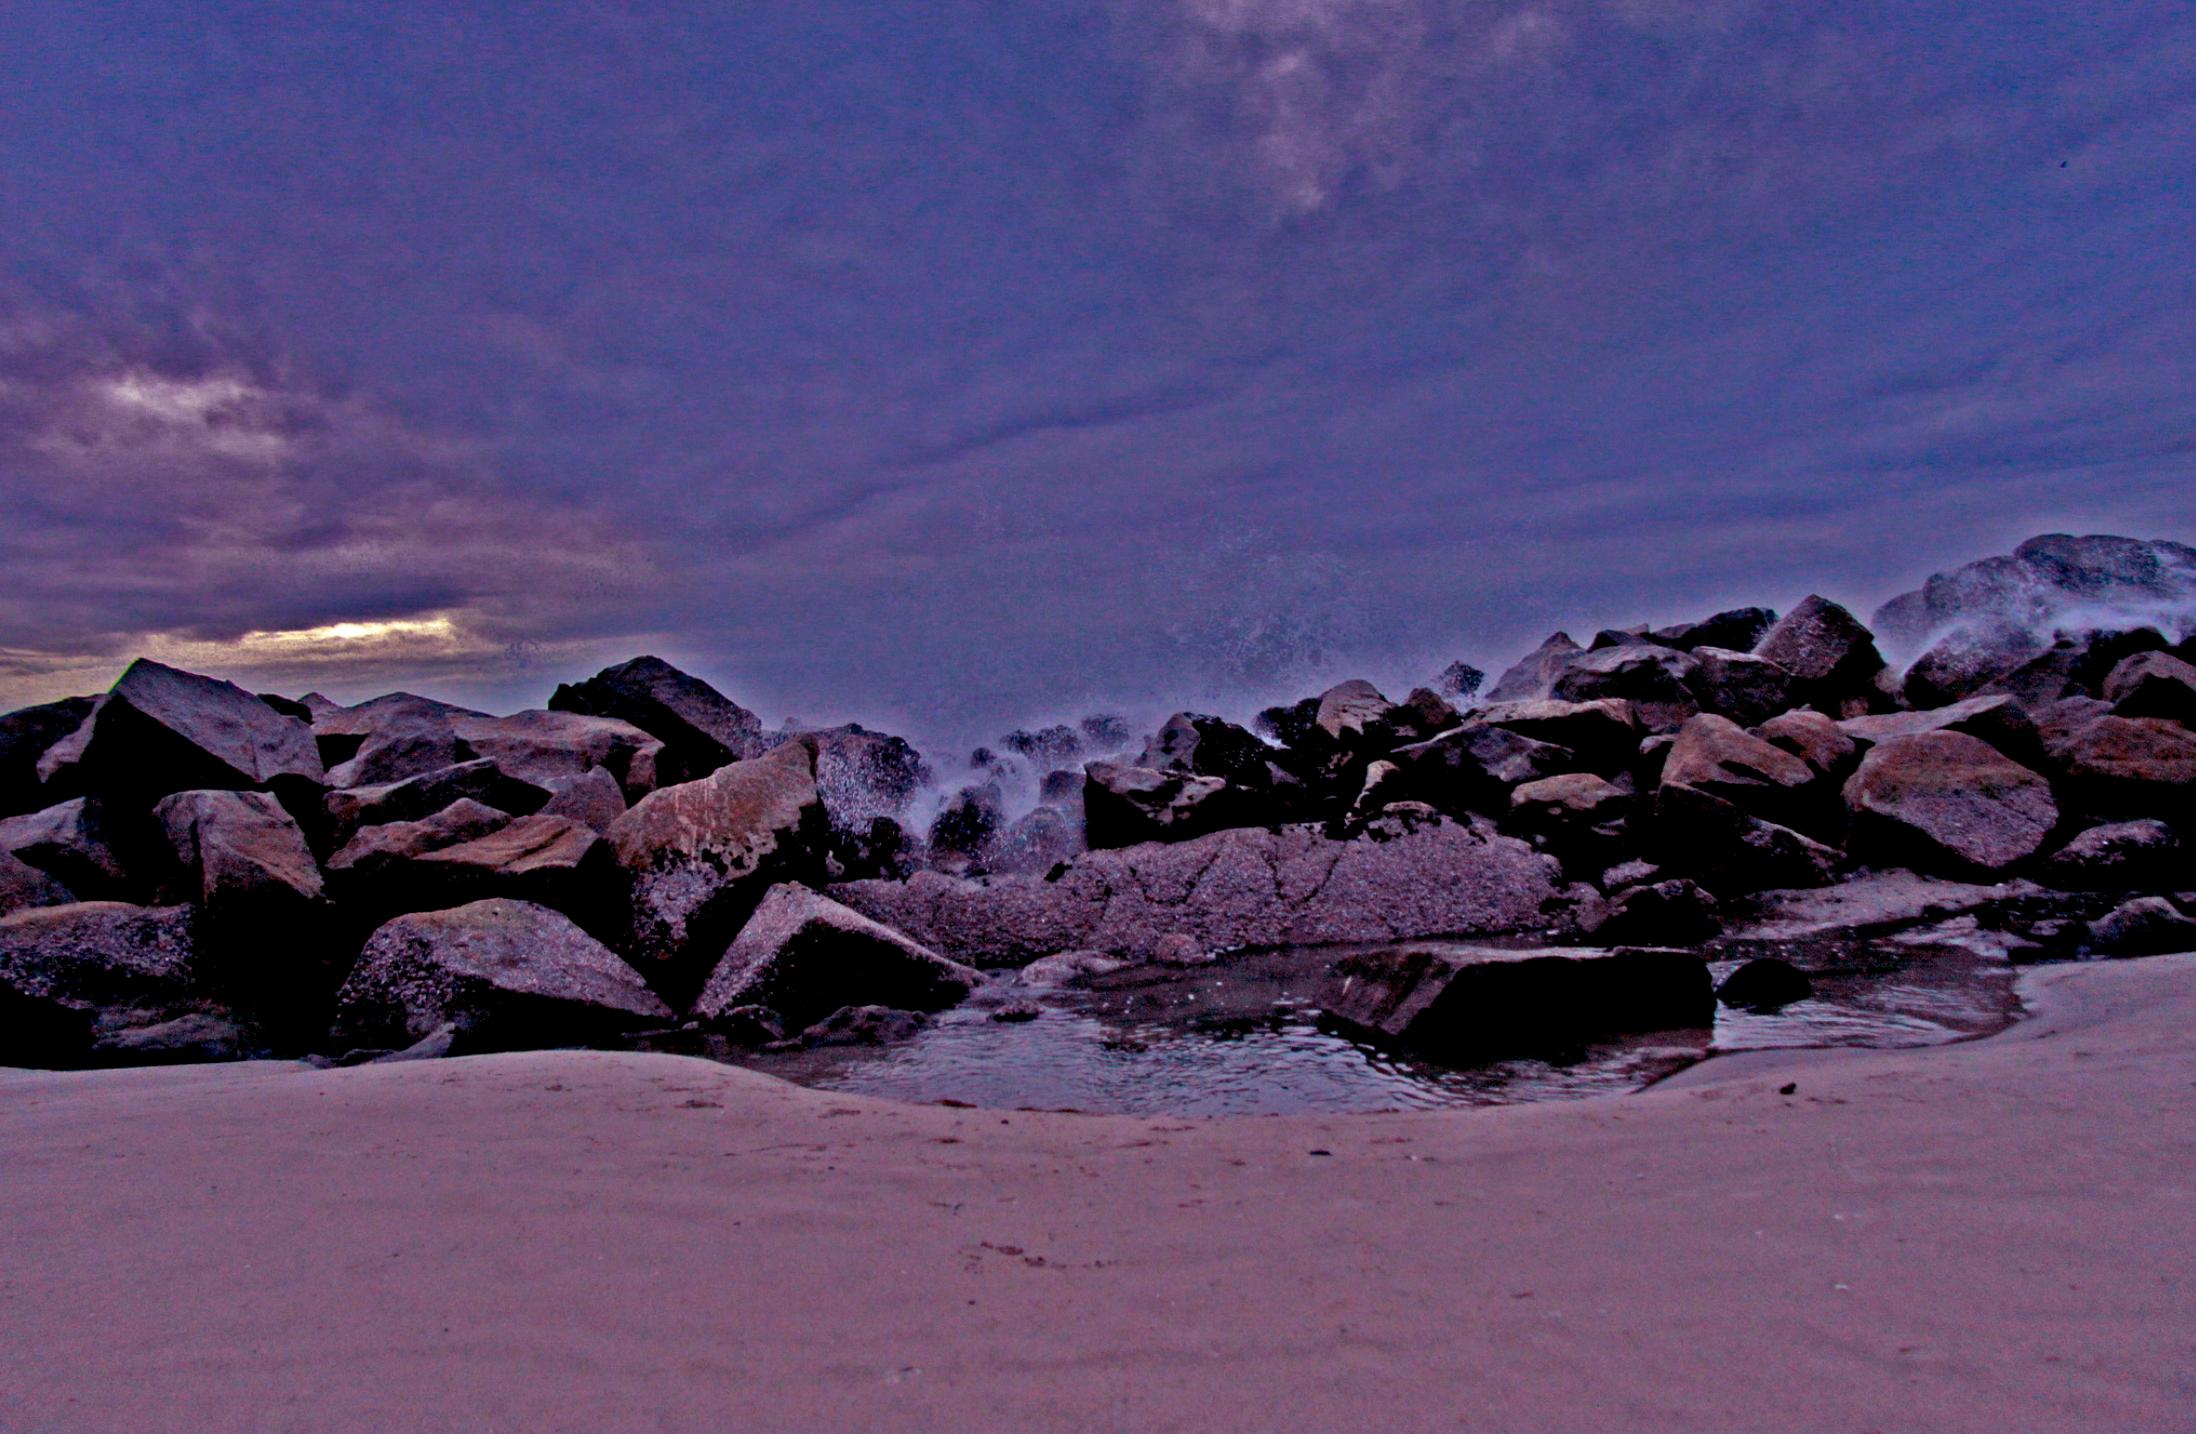 Screen Shot 2013-12-09 at 1.18.24 PM.png